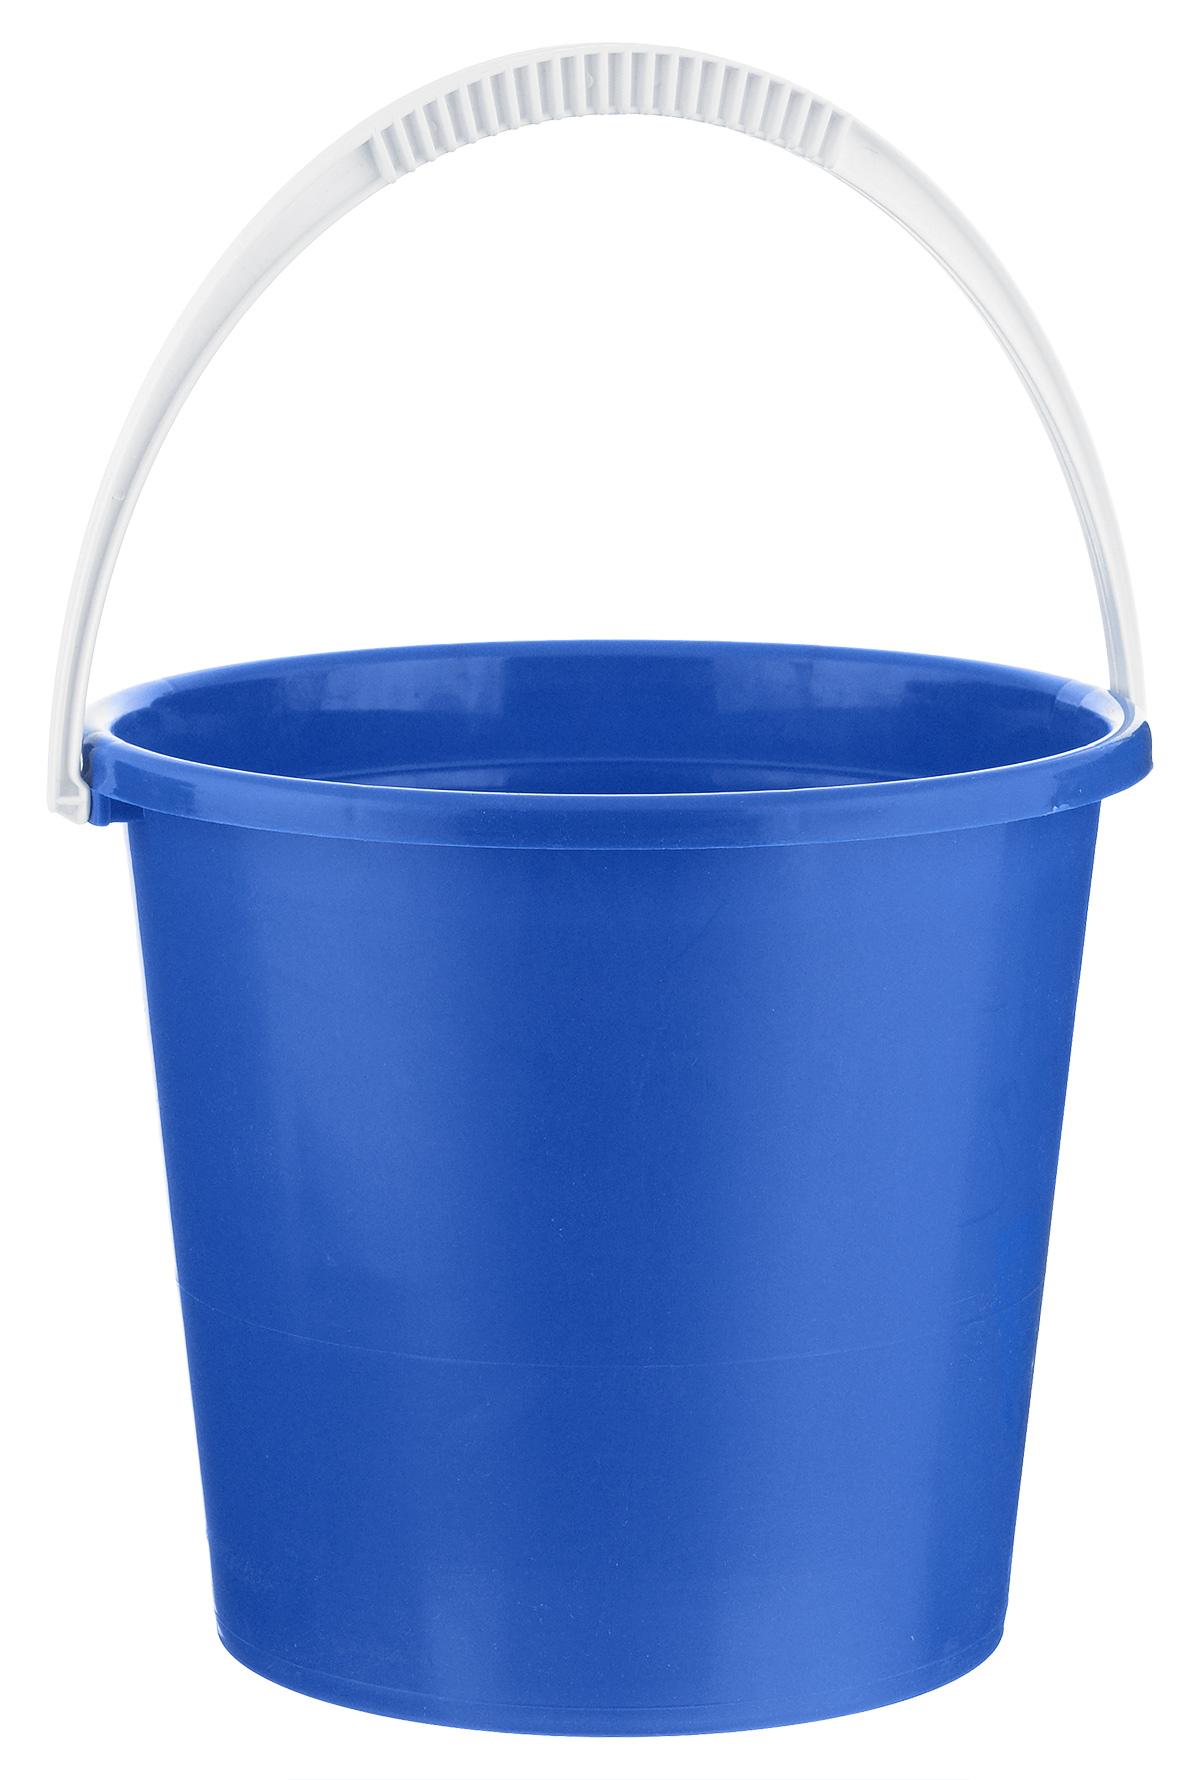 Ведро Альтернатива Крепыш, цвет: синий, 7 лК342_синийВедро Альтернатива Крепыш изготовлено из высококачественного одноцветного пластика. Оно легче железного и не подвержено коррозии. Ведро оснащено удобной пластиковой ручкой. Такое ведро станет незаменимым помощником в хозяйстве. Диаметр: 25 см.Высота: 22 см.